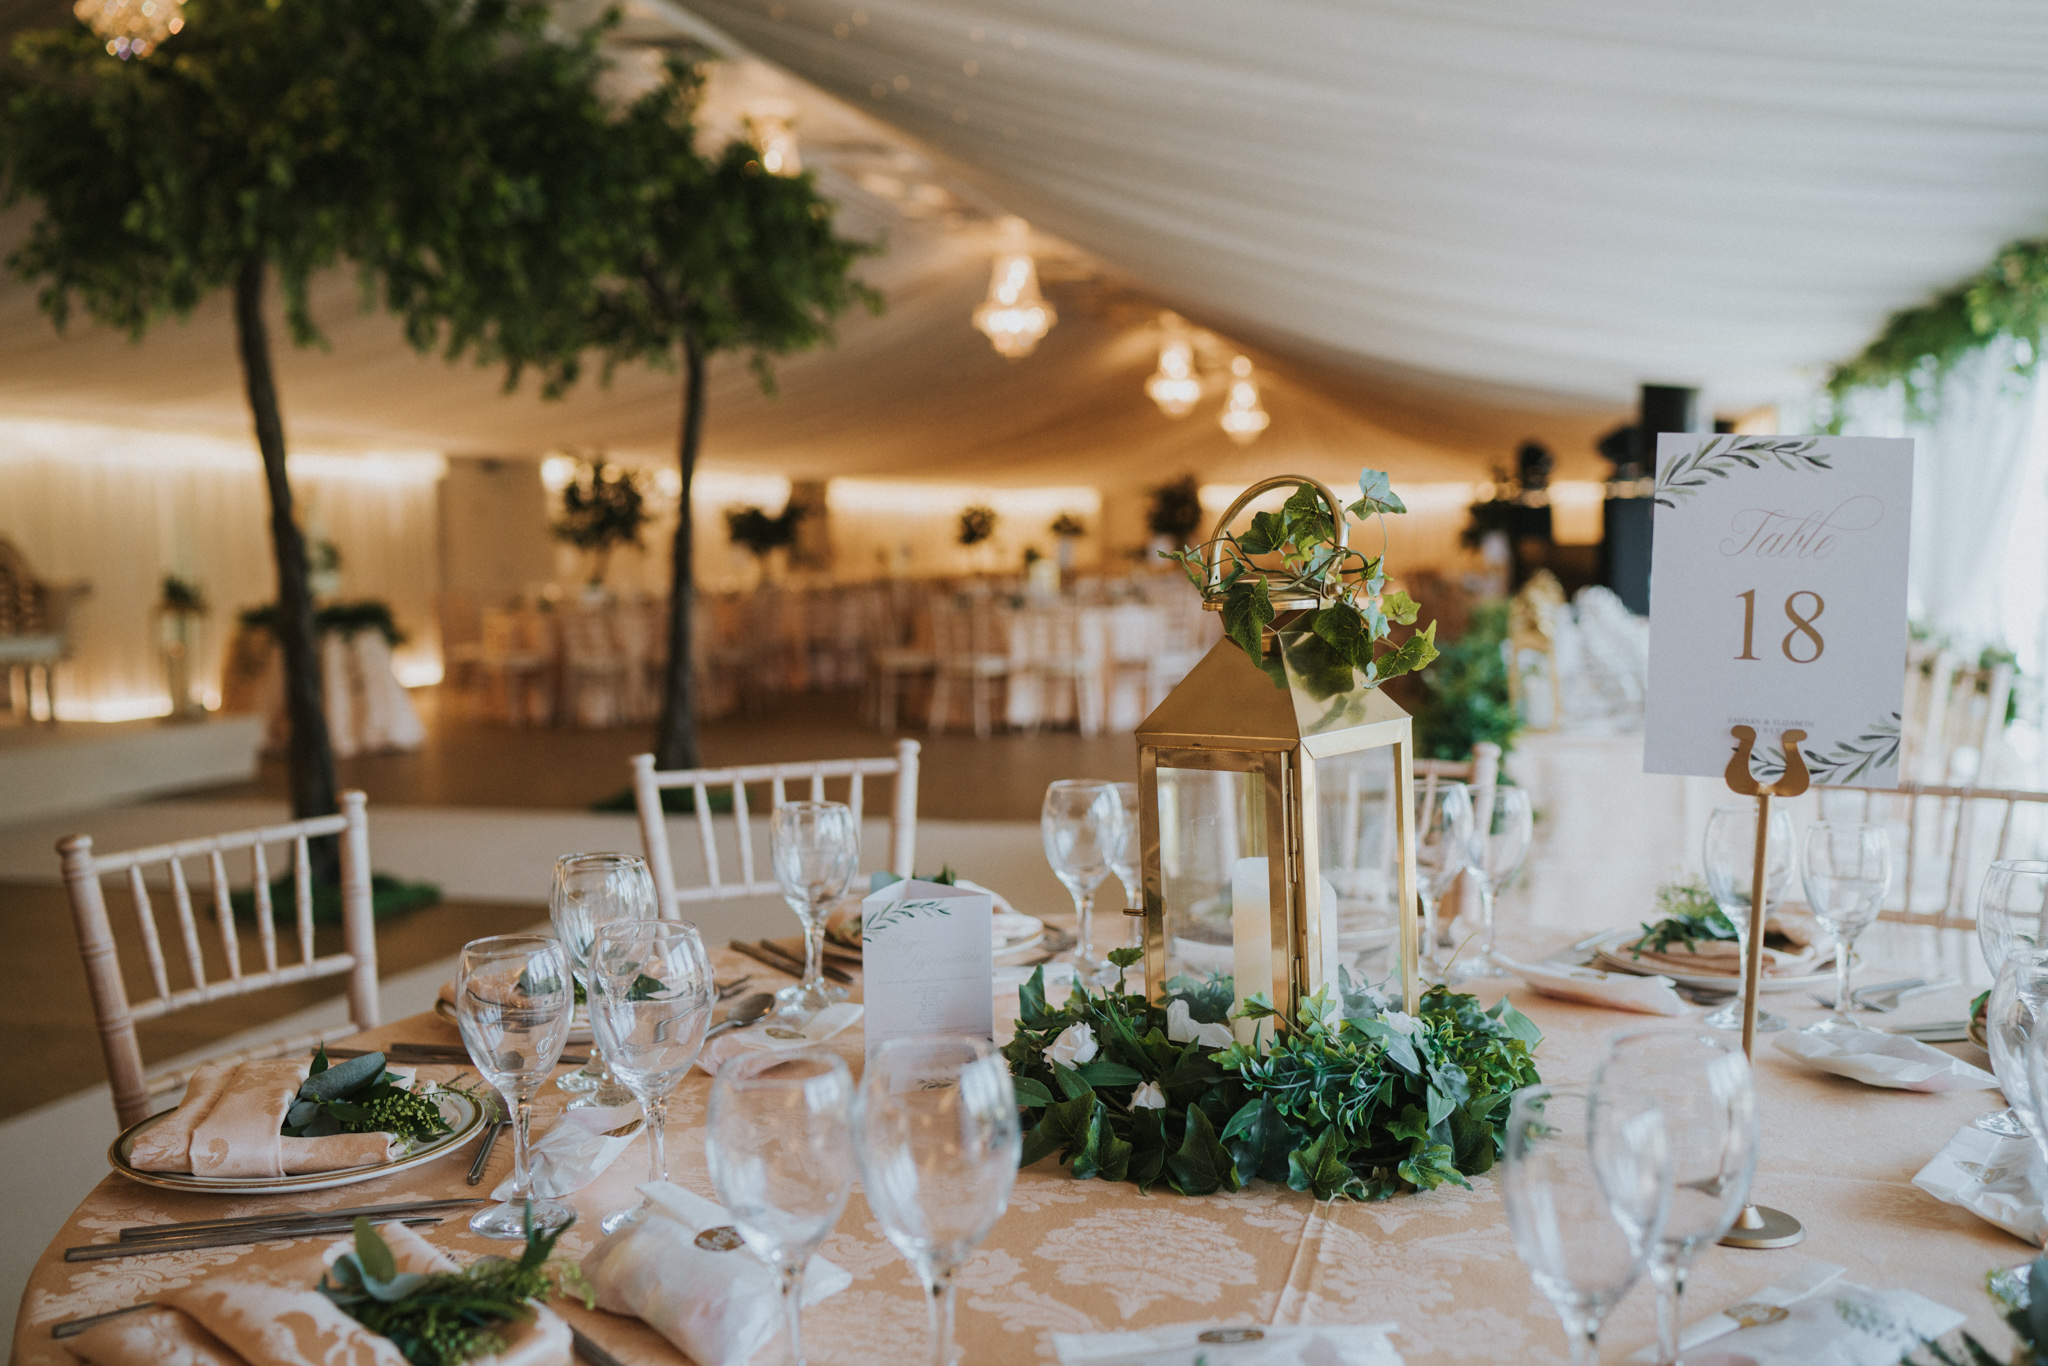 lizzie-faz-fennes-asian-fusion-wedding-grace-elizabeth-colchester-essex-alternative-wedding-lifestyle-photographer-essex-suffolk-norfolk-devon (42 of 55).jpg